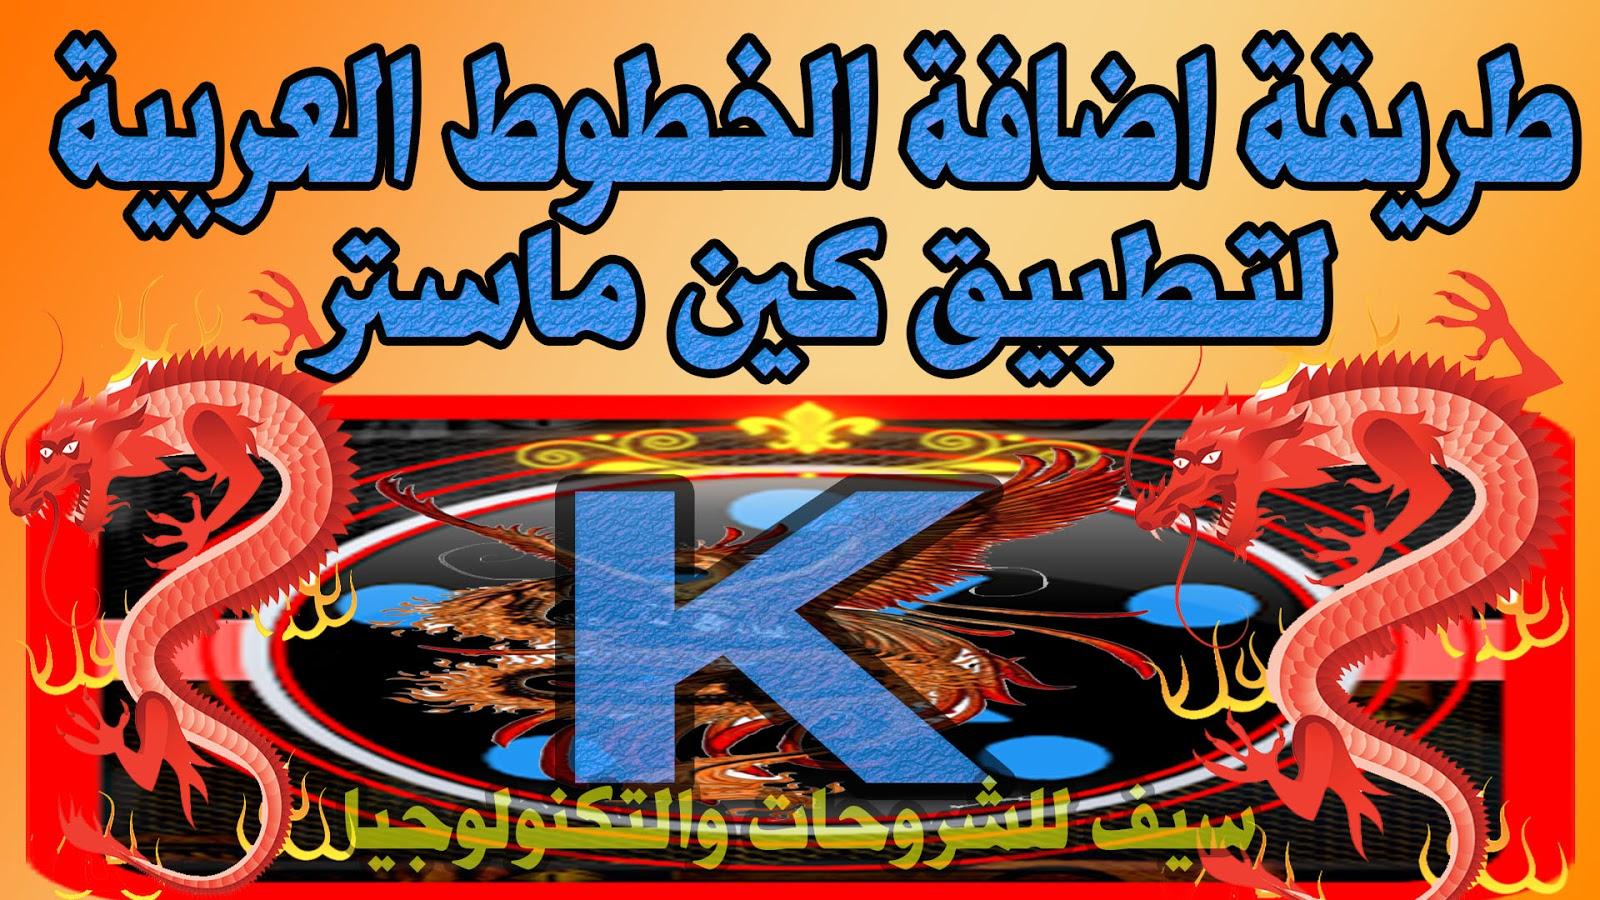 احدث واسهل طريقة لاضافة الخطوط العربية  الي تطبيق كين ماستر بكل سهولة + ملف به اكثر من 600 خط عربي